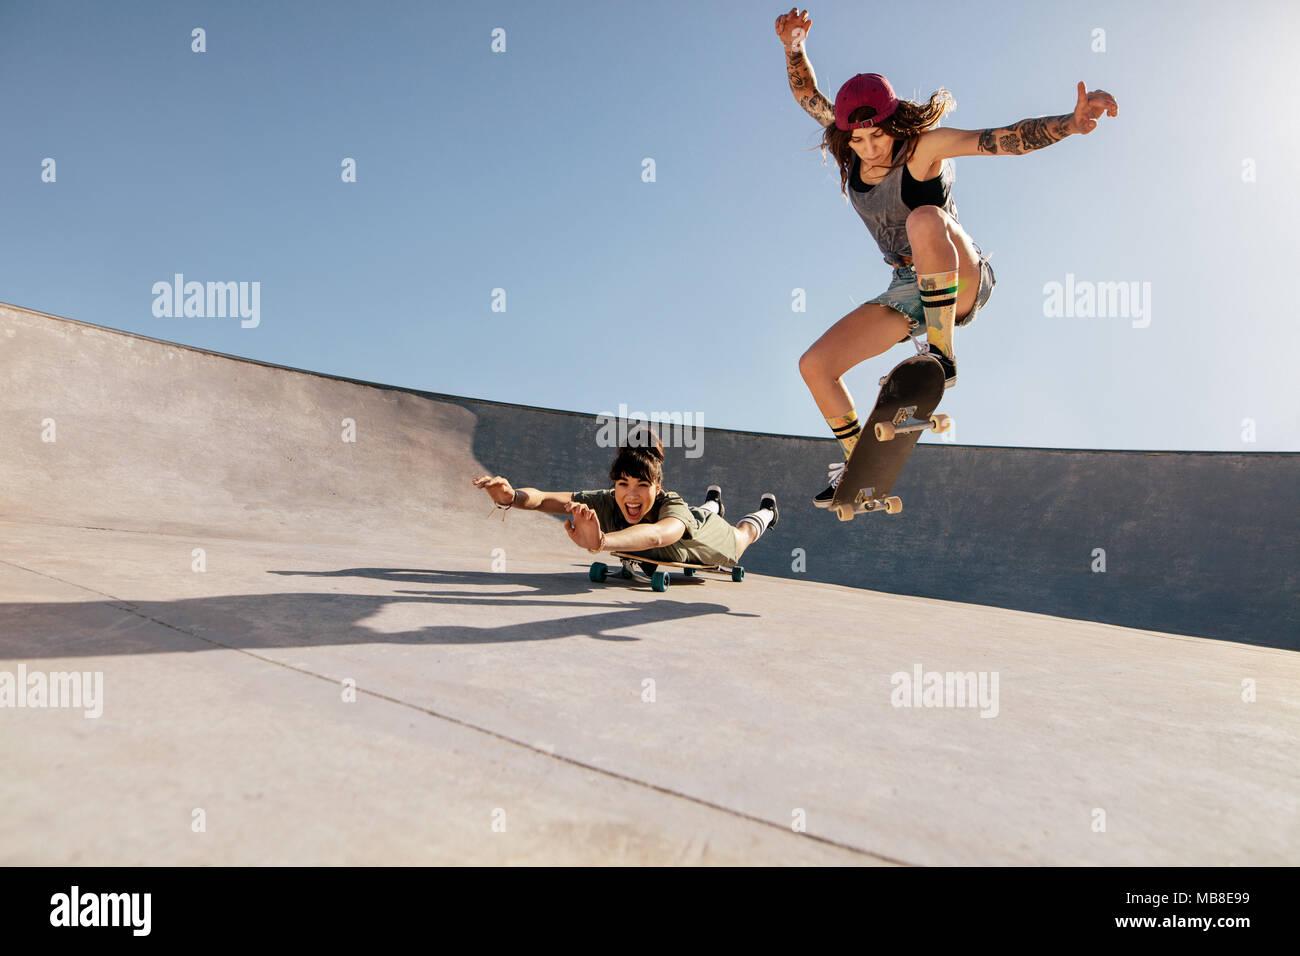 Two women doing stunts on skateboards at skate park. Female friends practising skateboarding outdoors. - Stock Image